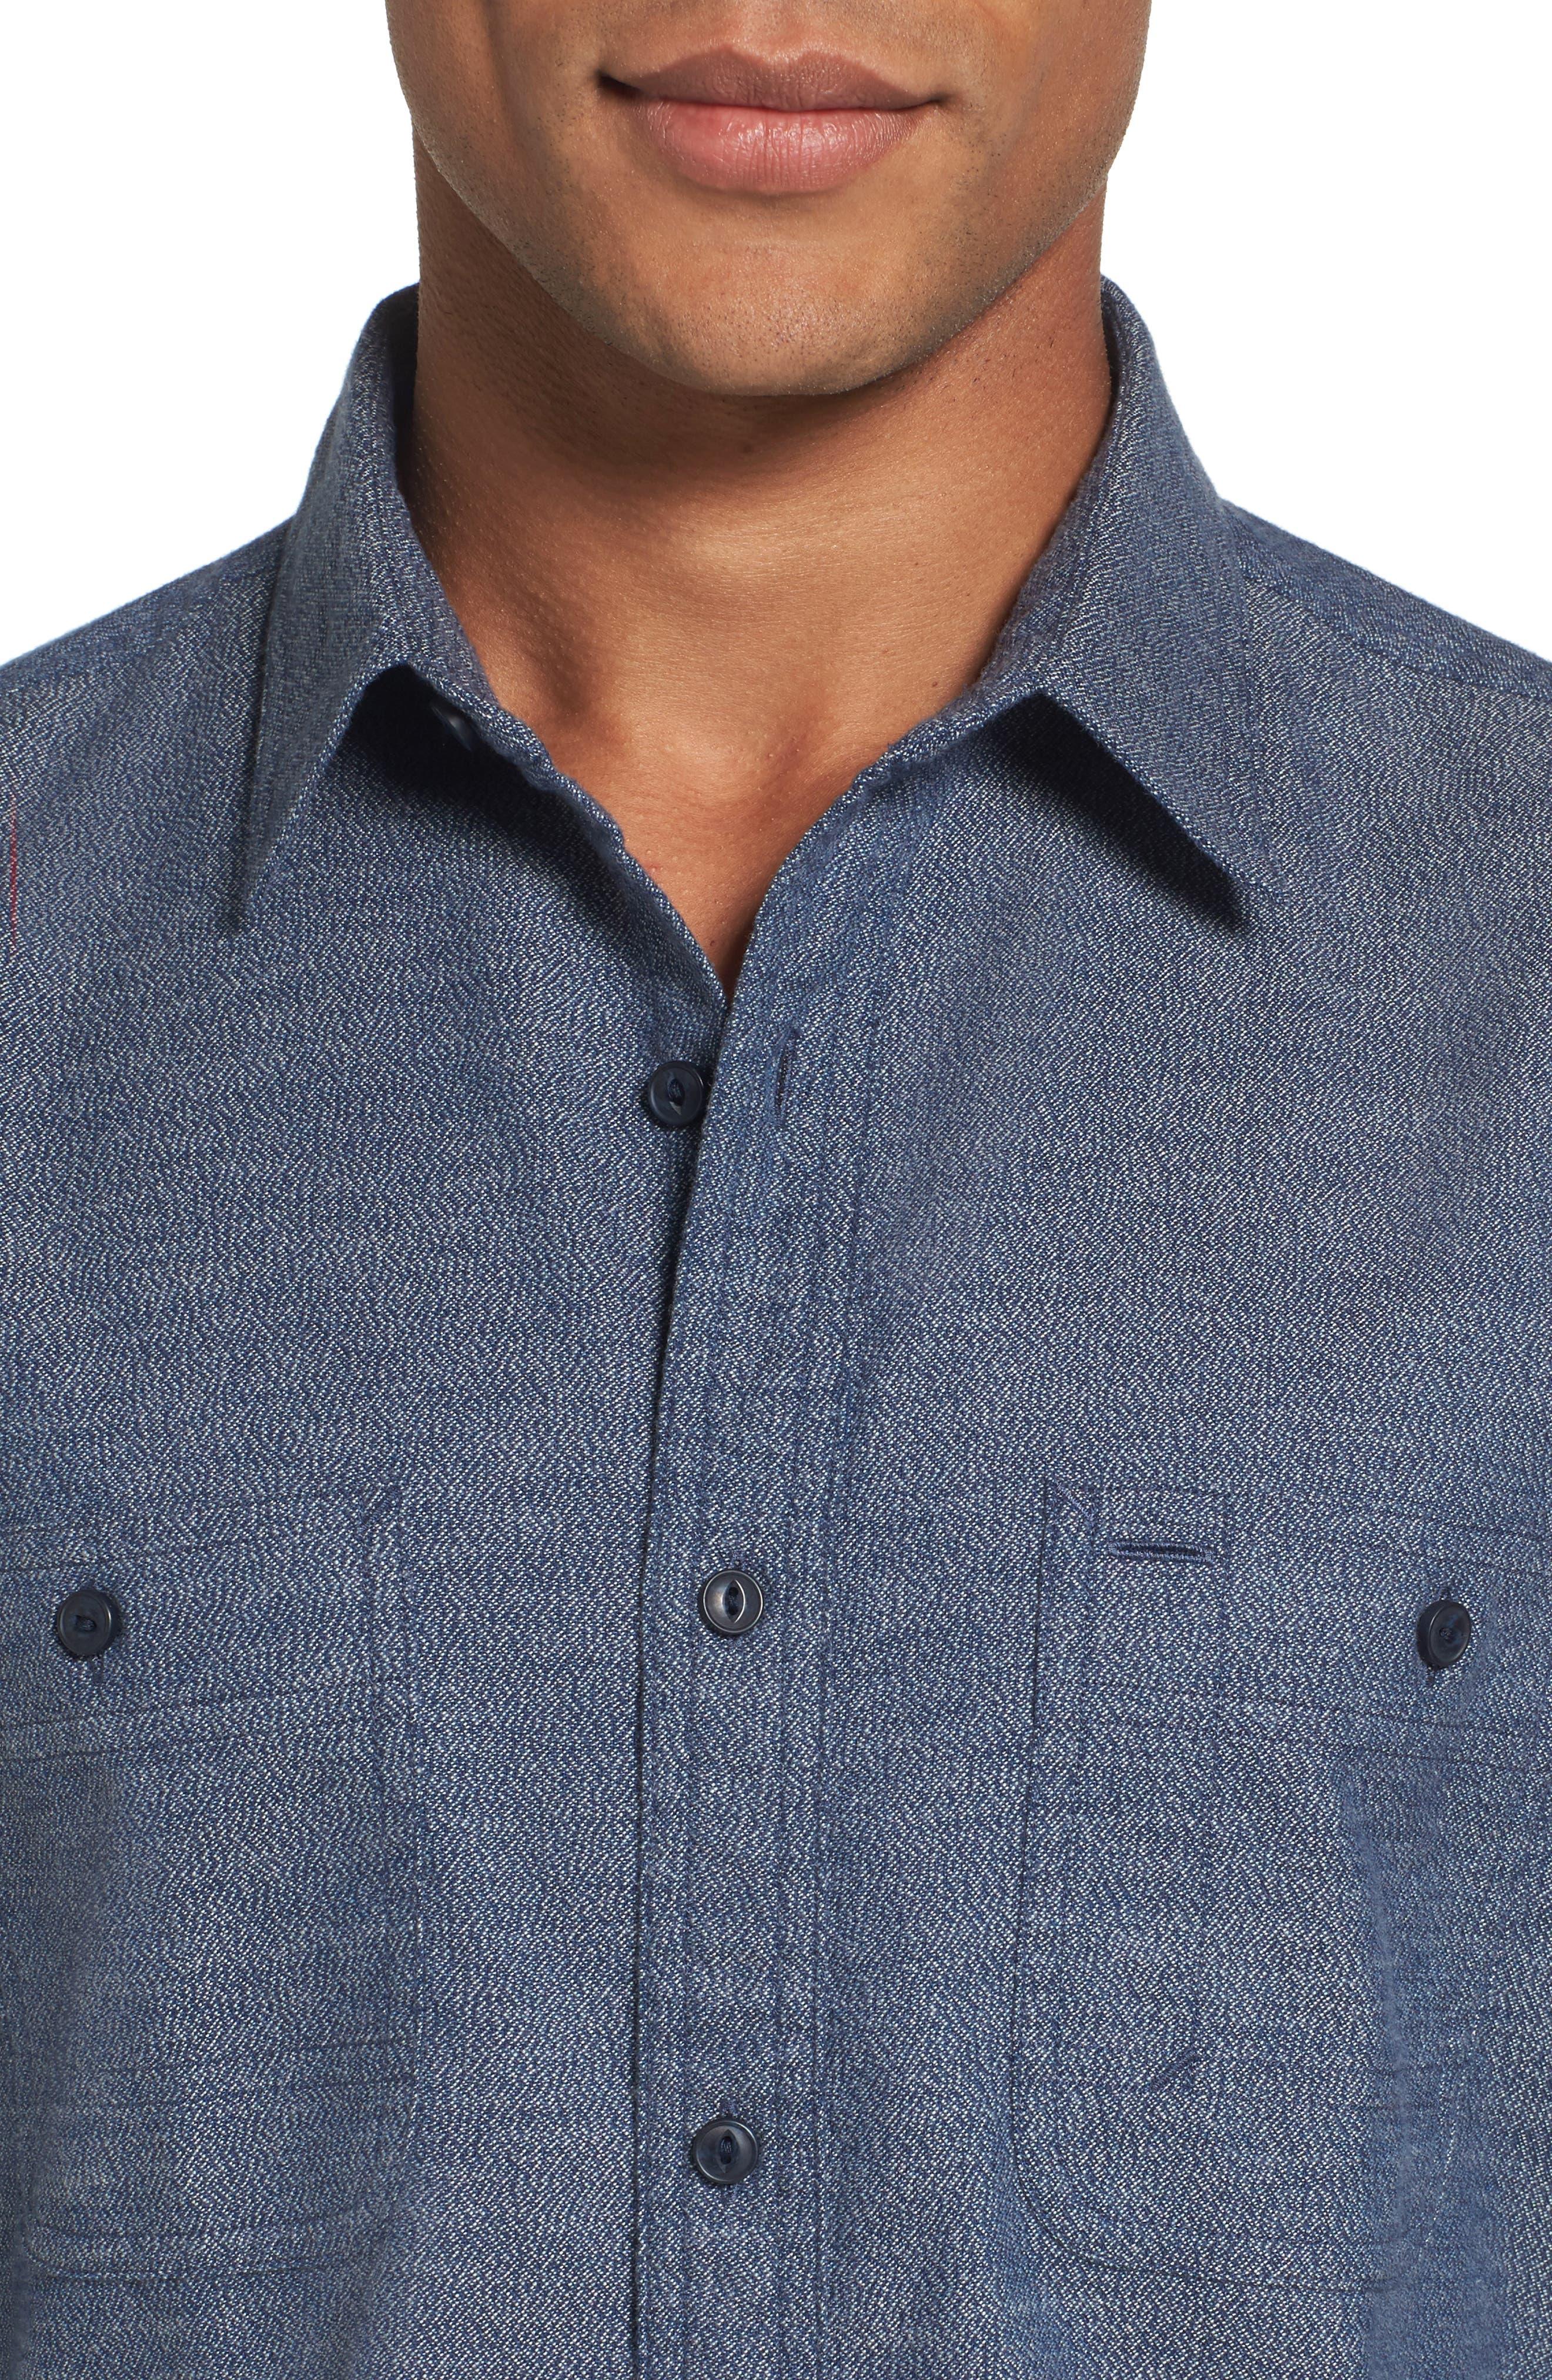 Alternate Image 4  - Nordstrom Men's Shop Slim Fit Jaspé Sport Shirt (Regular & Tall)